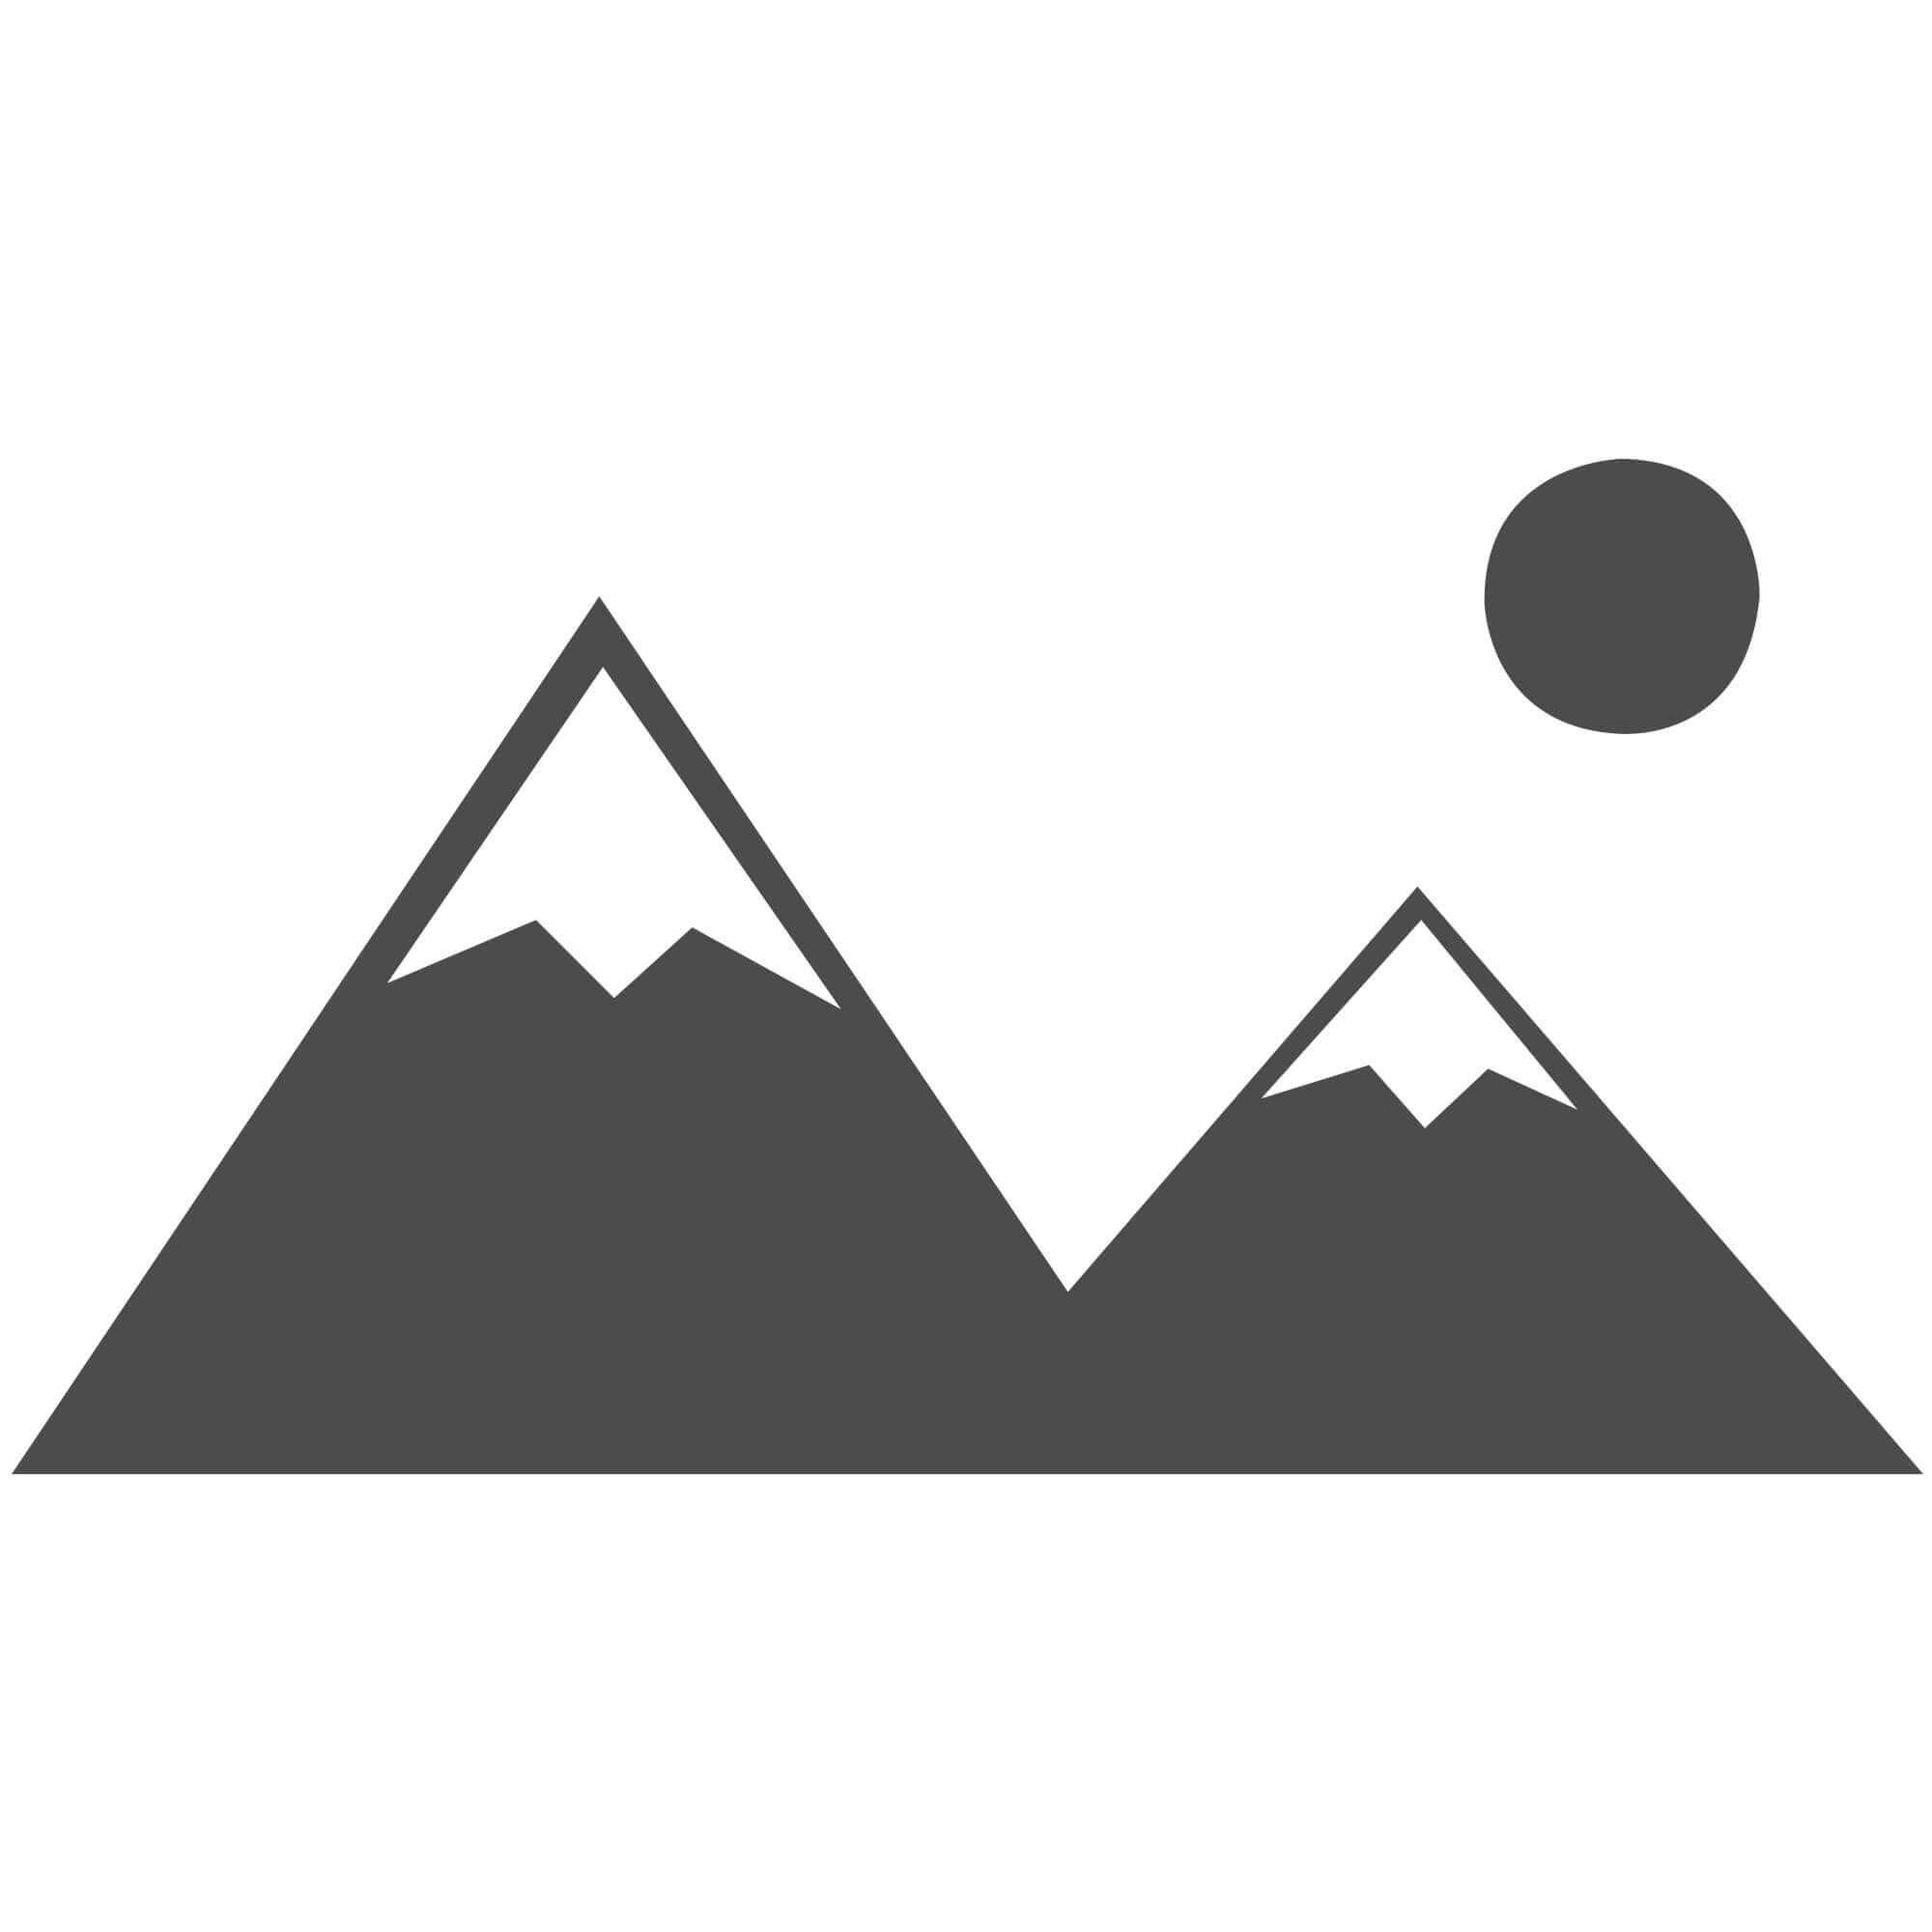 """Moorish Melilla Pink Rug - Size 120 x 170 cm (4' x 5'7"""")"""